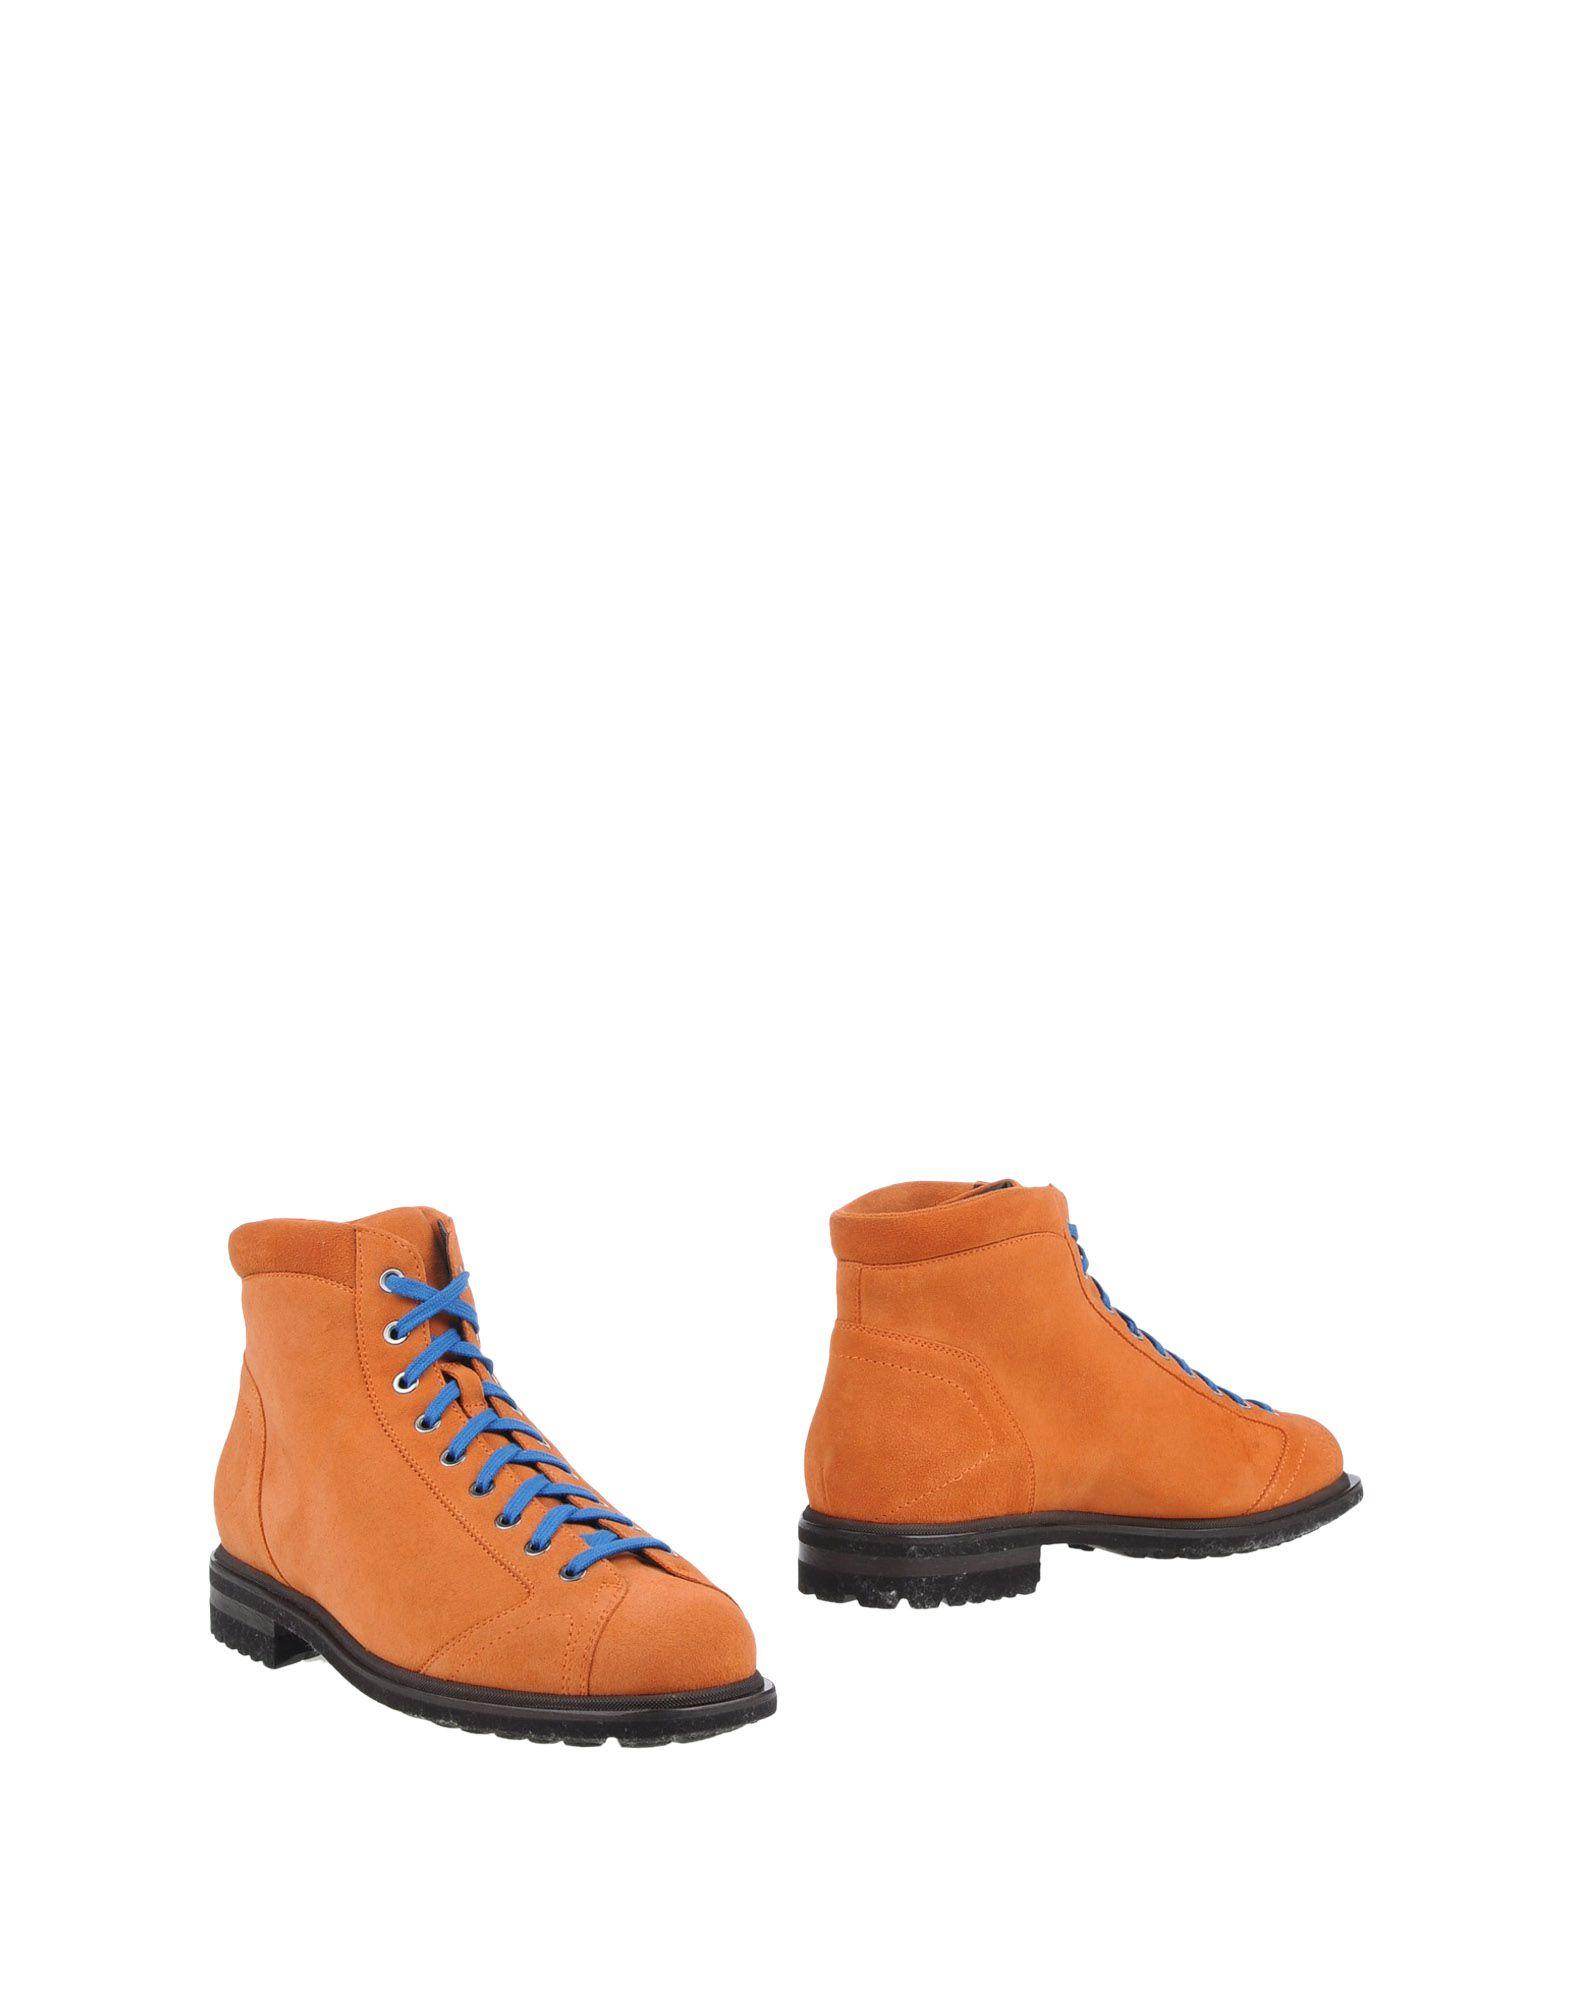 SANTONI Полусапоги и высокие ботинки joyks полусапоги и высокие ботинки